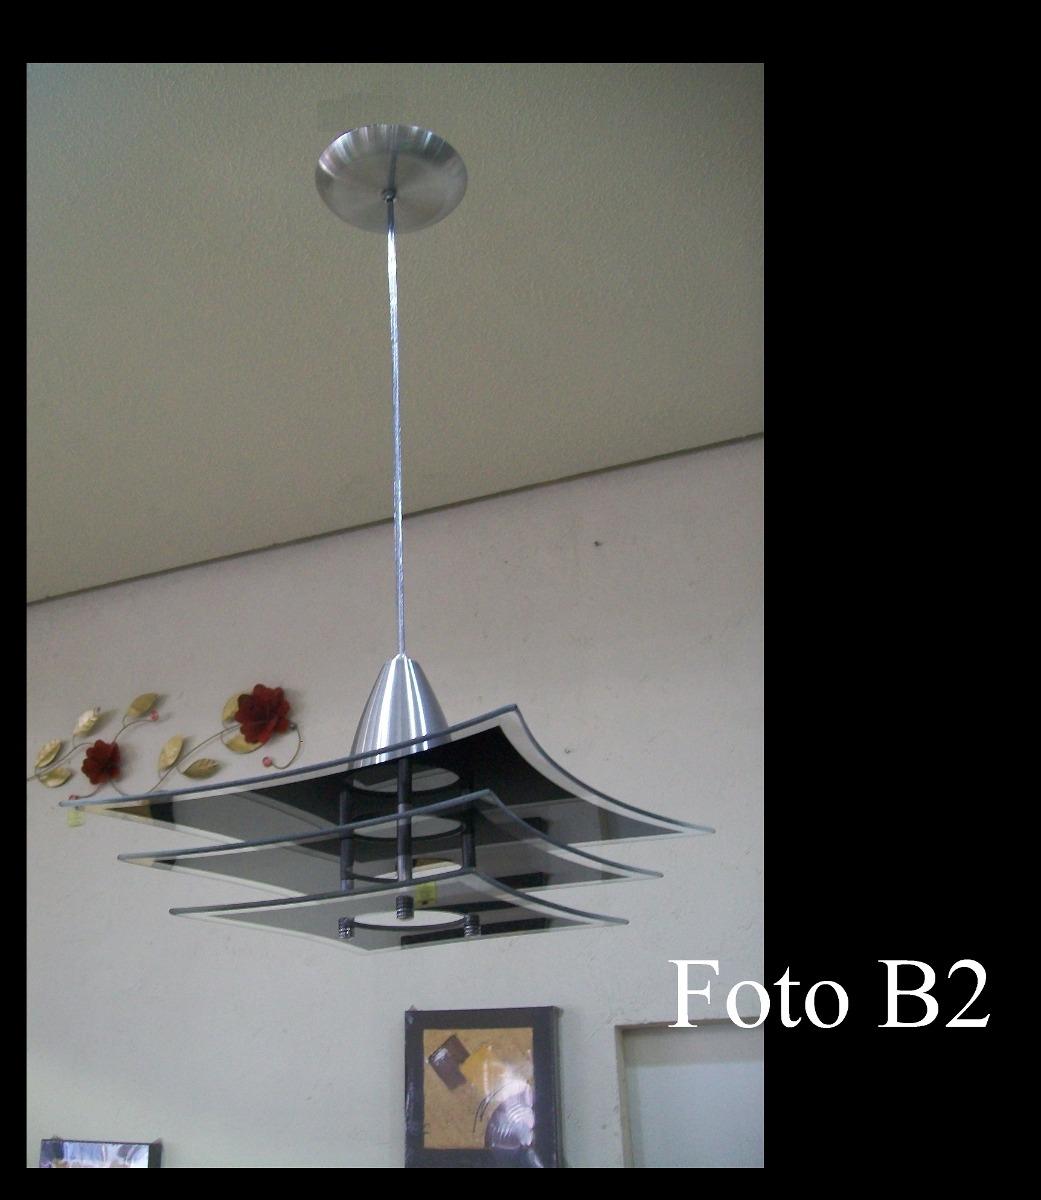 #5B4C44 Lustre Para Sala De Jantar Cozinha Quarto Barato Cristal 351 R$ 195  1041x1200 píxeis em Decoração De Sala De Jantar Com Lustre De Cristal